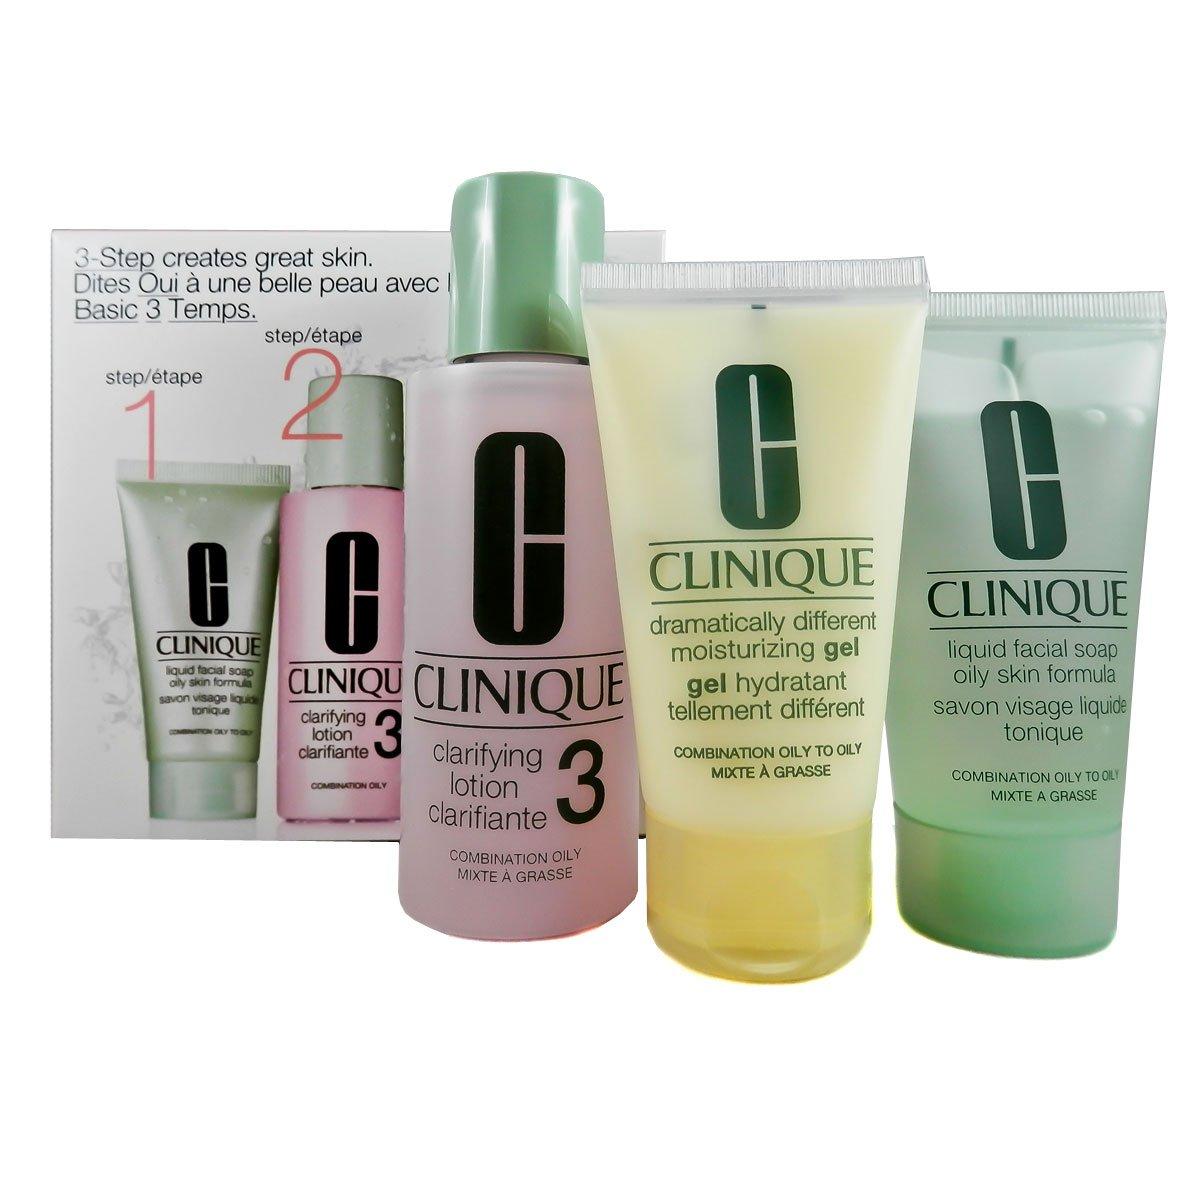 Clinque Sistema in 3 Fasi Tipo di Pelle 3 Clarifying Lozione Detergente 3, 30 ml & Sapone Liquido, 30 ml & Dramatically Different Moisturizing Gel, Viso, 125 ml Clinique 0020714644024